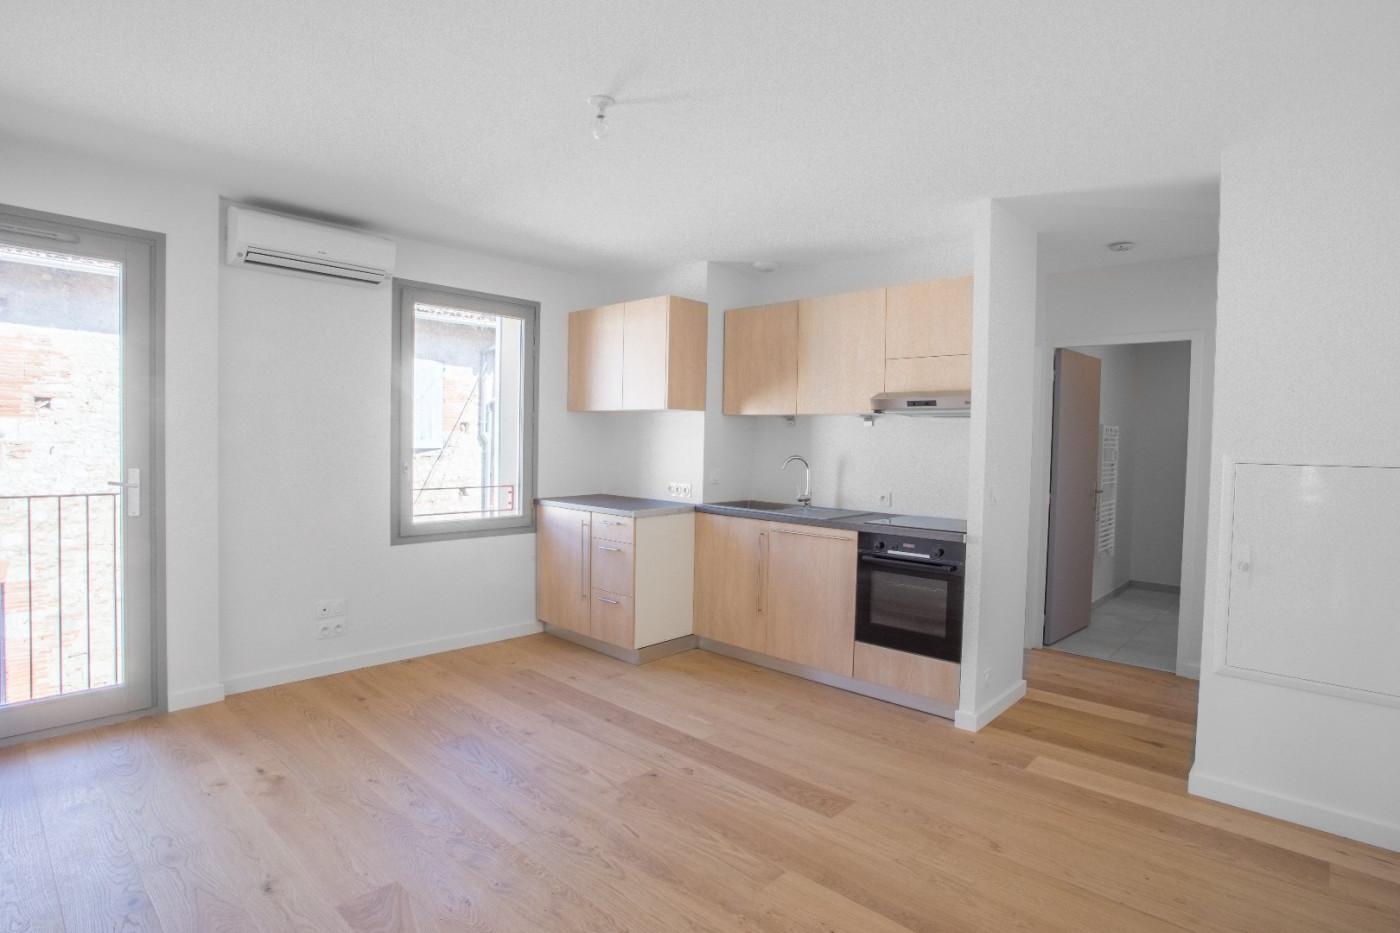 A vendre  L'isle-jourdain | Réf 320072164 - L'occitane immobilier